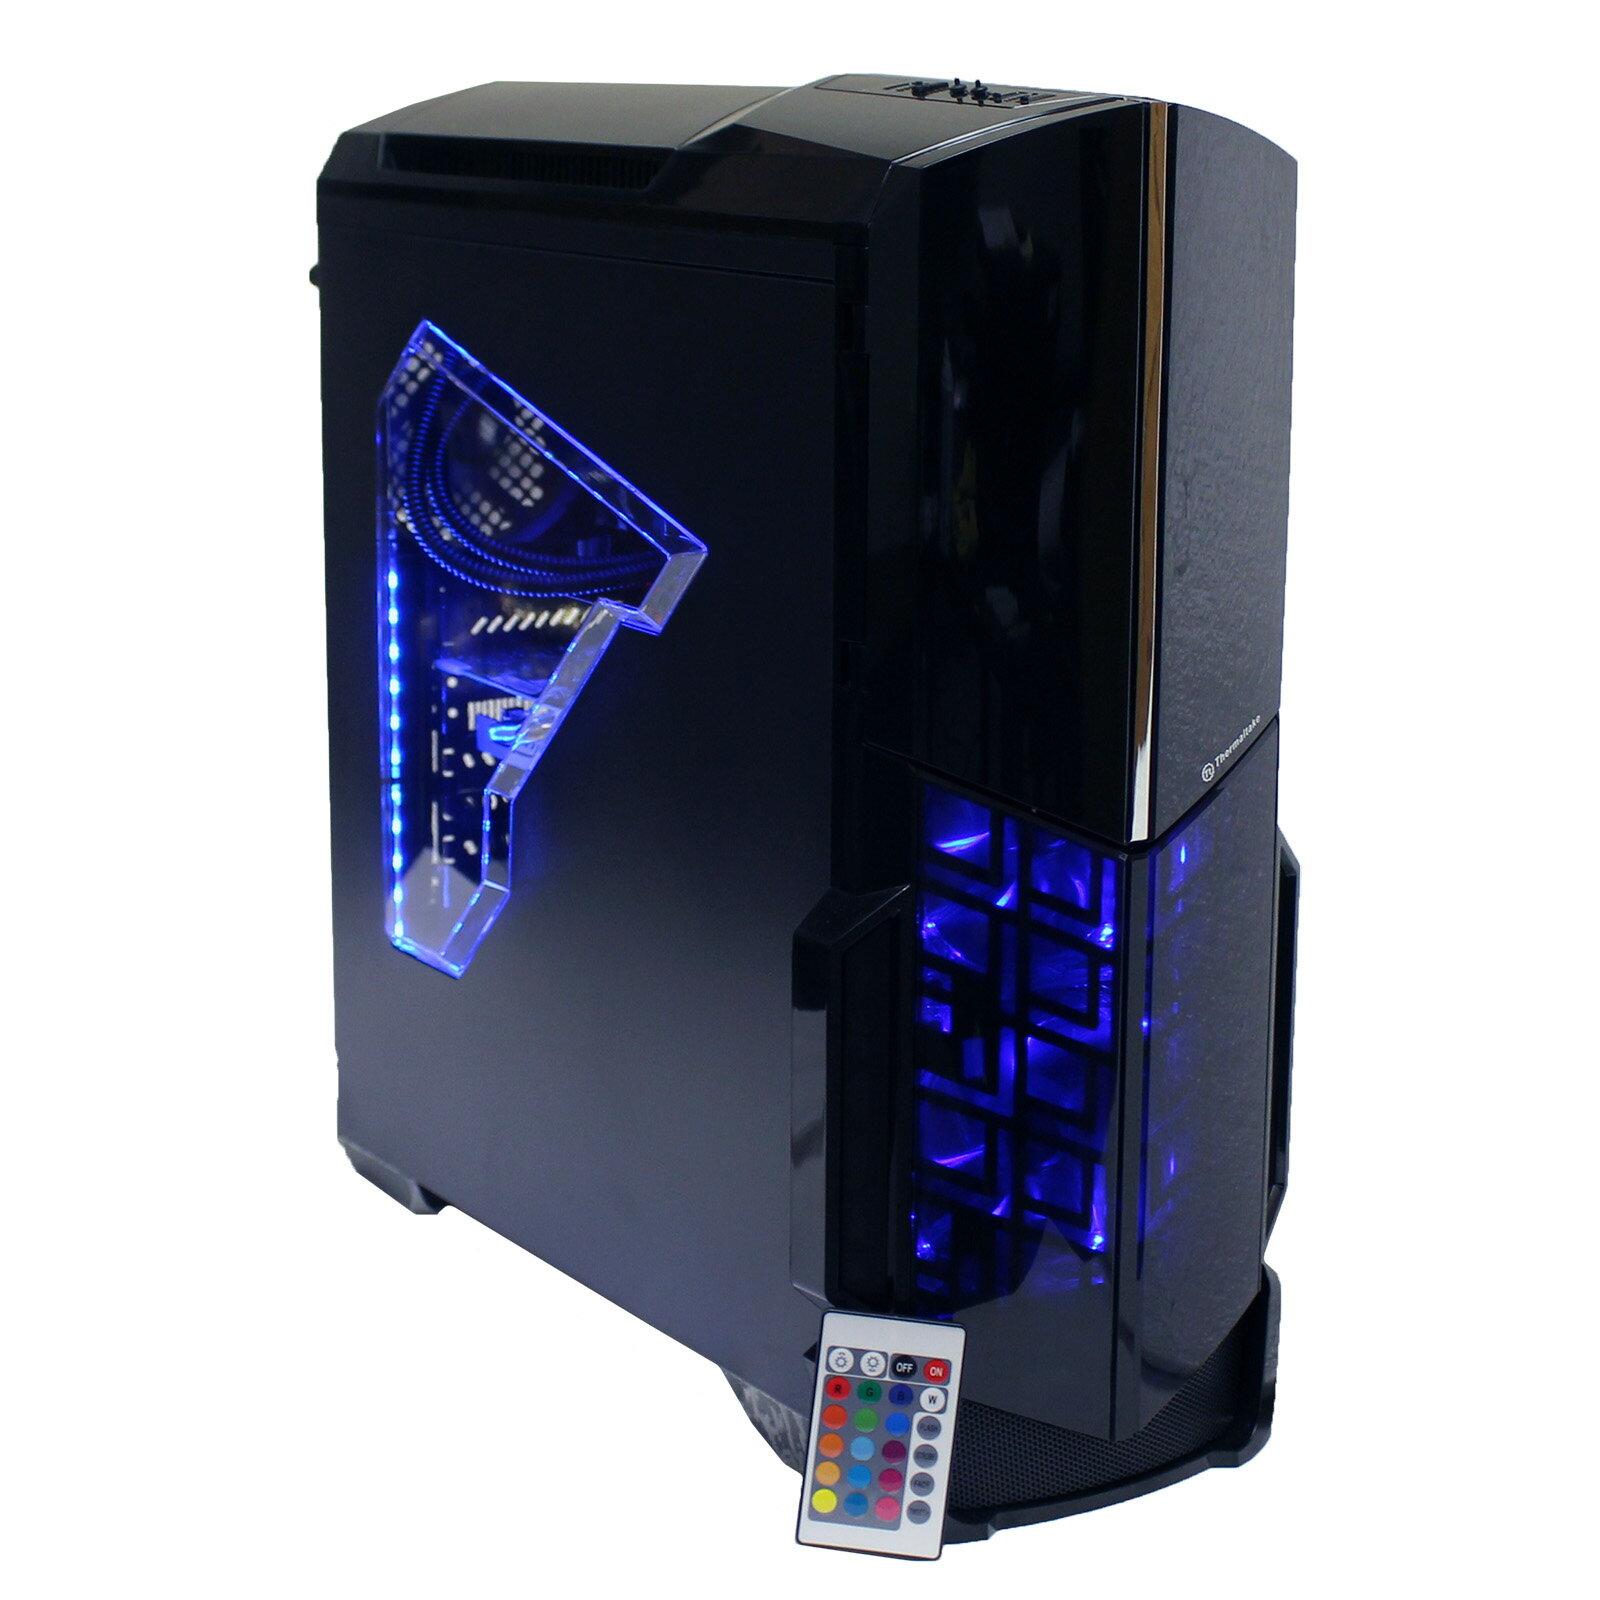 97a2b5988c16 Custom RGB ThermalTake Versa N21 Gaming PC 6th Gen i7 4GHz 16GB DDR4 128GB  SSD 2TB HD DVDRW AMD RX 470 4GB GDDR5 HDMI BluRay 1300Mbps AC WiFi W10P